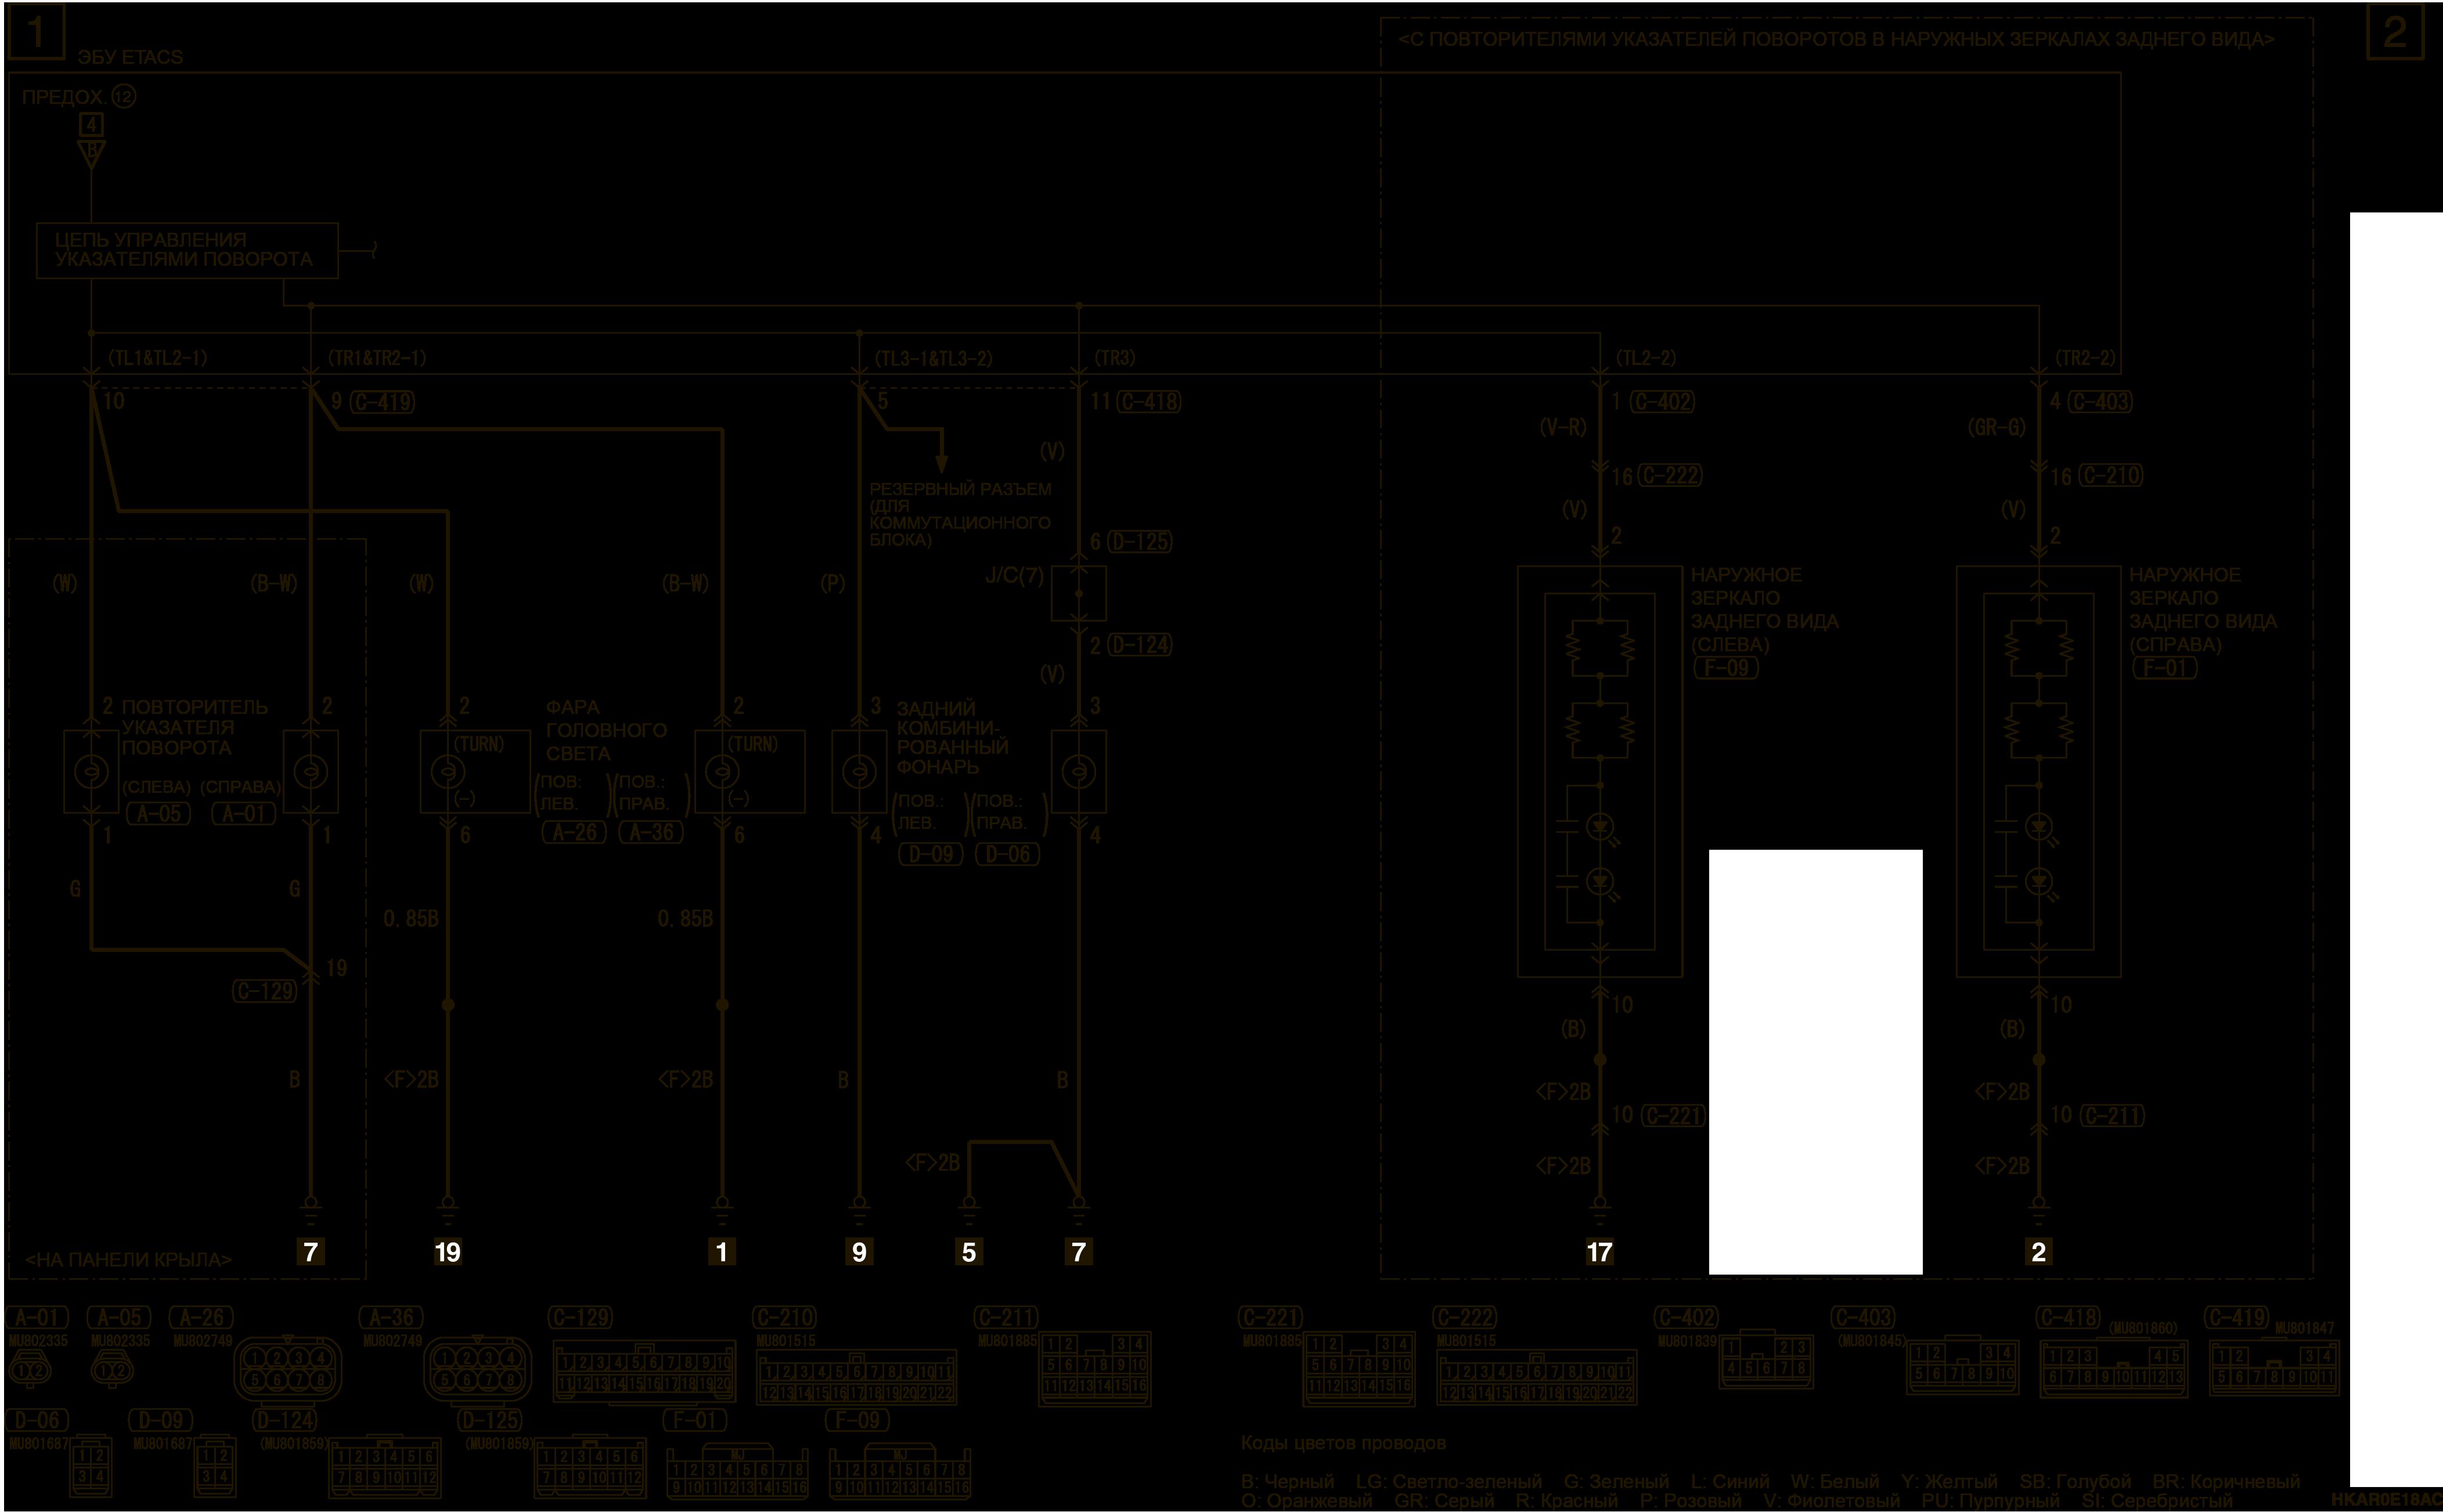 mmc аутлендер 3 2019 электросхемаСИСТЕМА ПРЕДУПРЕЖДЕНИЯ ОБ ЭКСТРЕННОМ ТОРМОЖЕНИИ (ESS) АВТОМОБИЛИ ДЛЯ ЕВРОПЫ (ЛЕВОСТОРОННЕЕ УПРАВЛЕНИЕ)